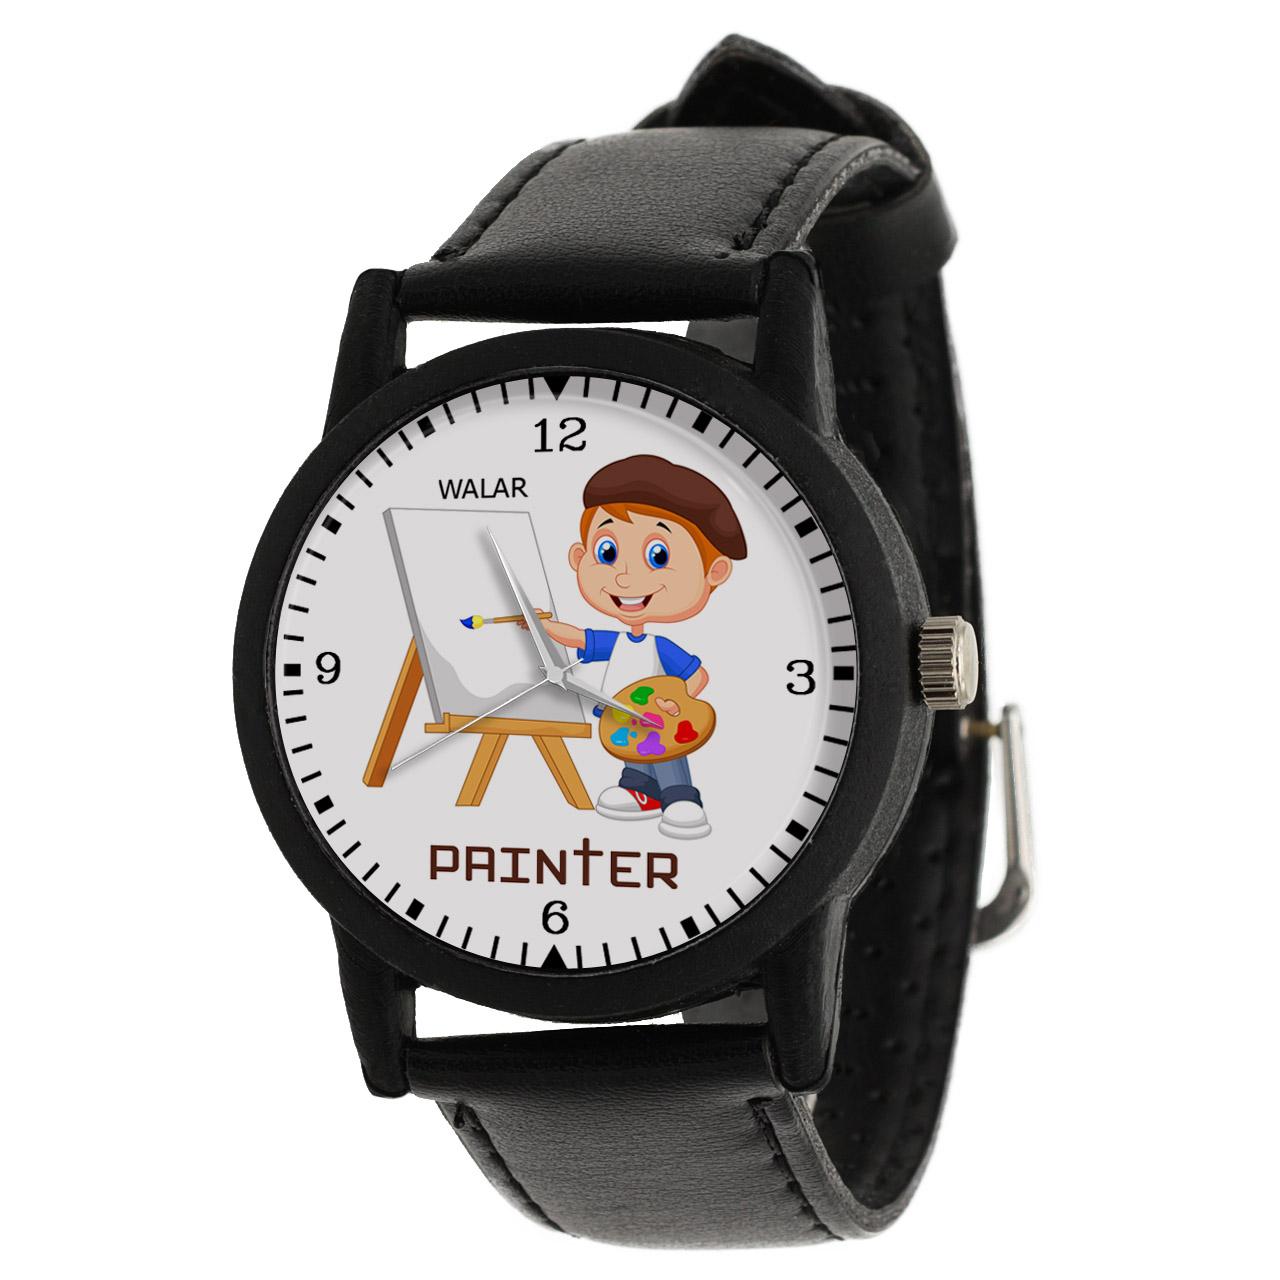 ساعت مچی عقربه ای والار طرح نقاش کد LF2354              ارزان